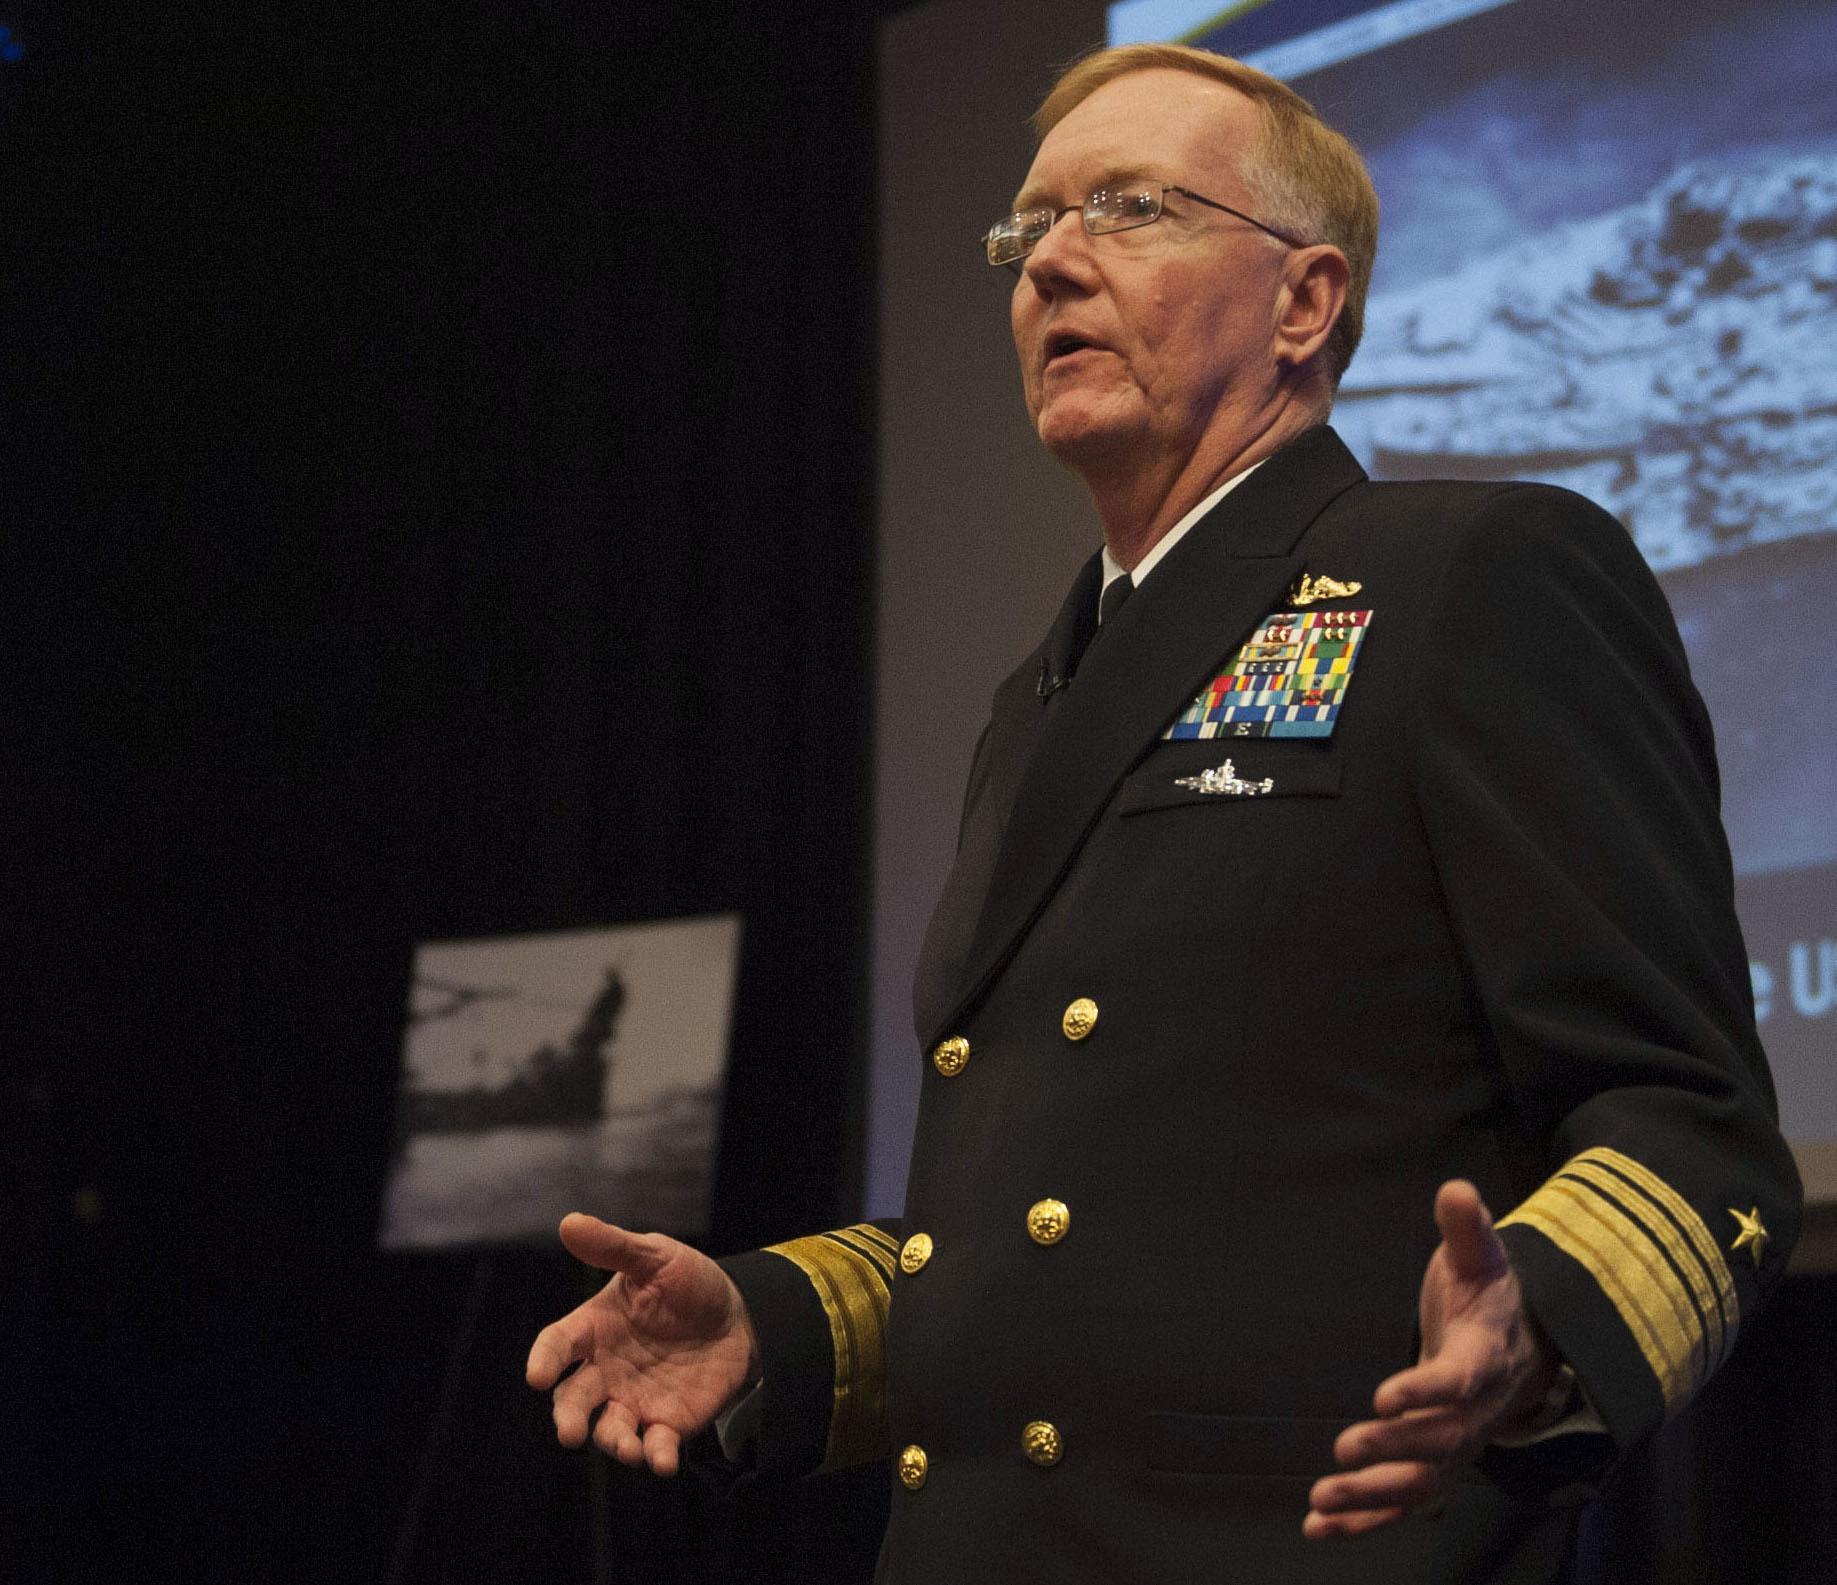 САД: Русија и даље повећава своју војну активност у Средоземном мору